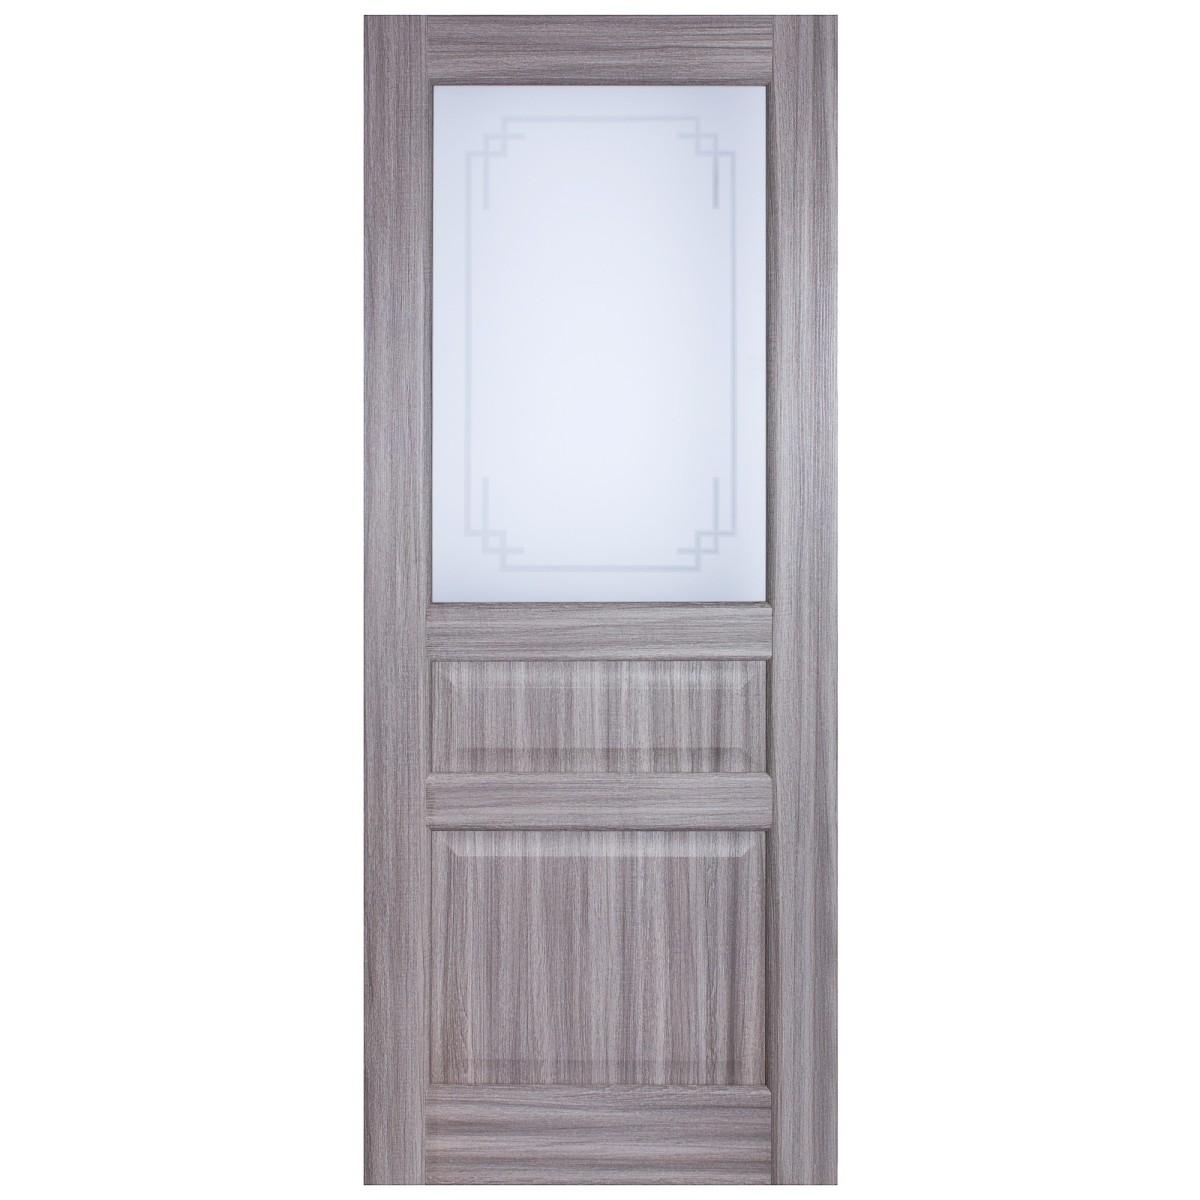 Дверь Межкомнатная Остеклённая Artens Мария 90x200 Цвет Серый Дуб